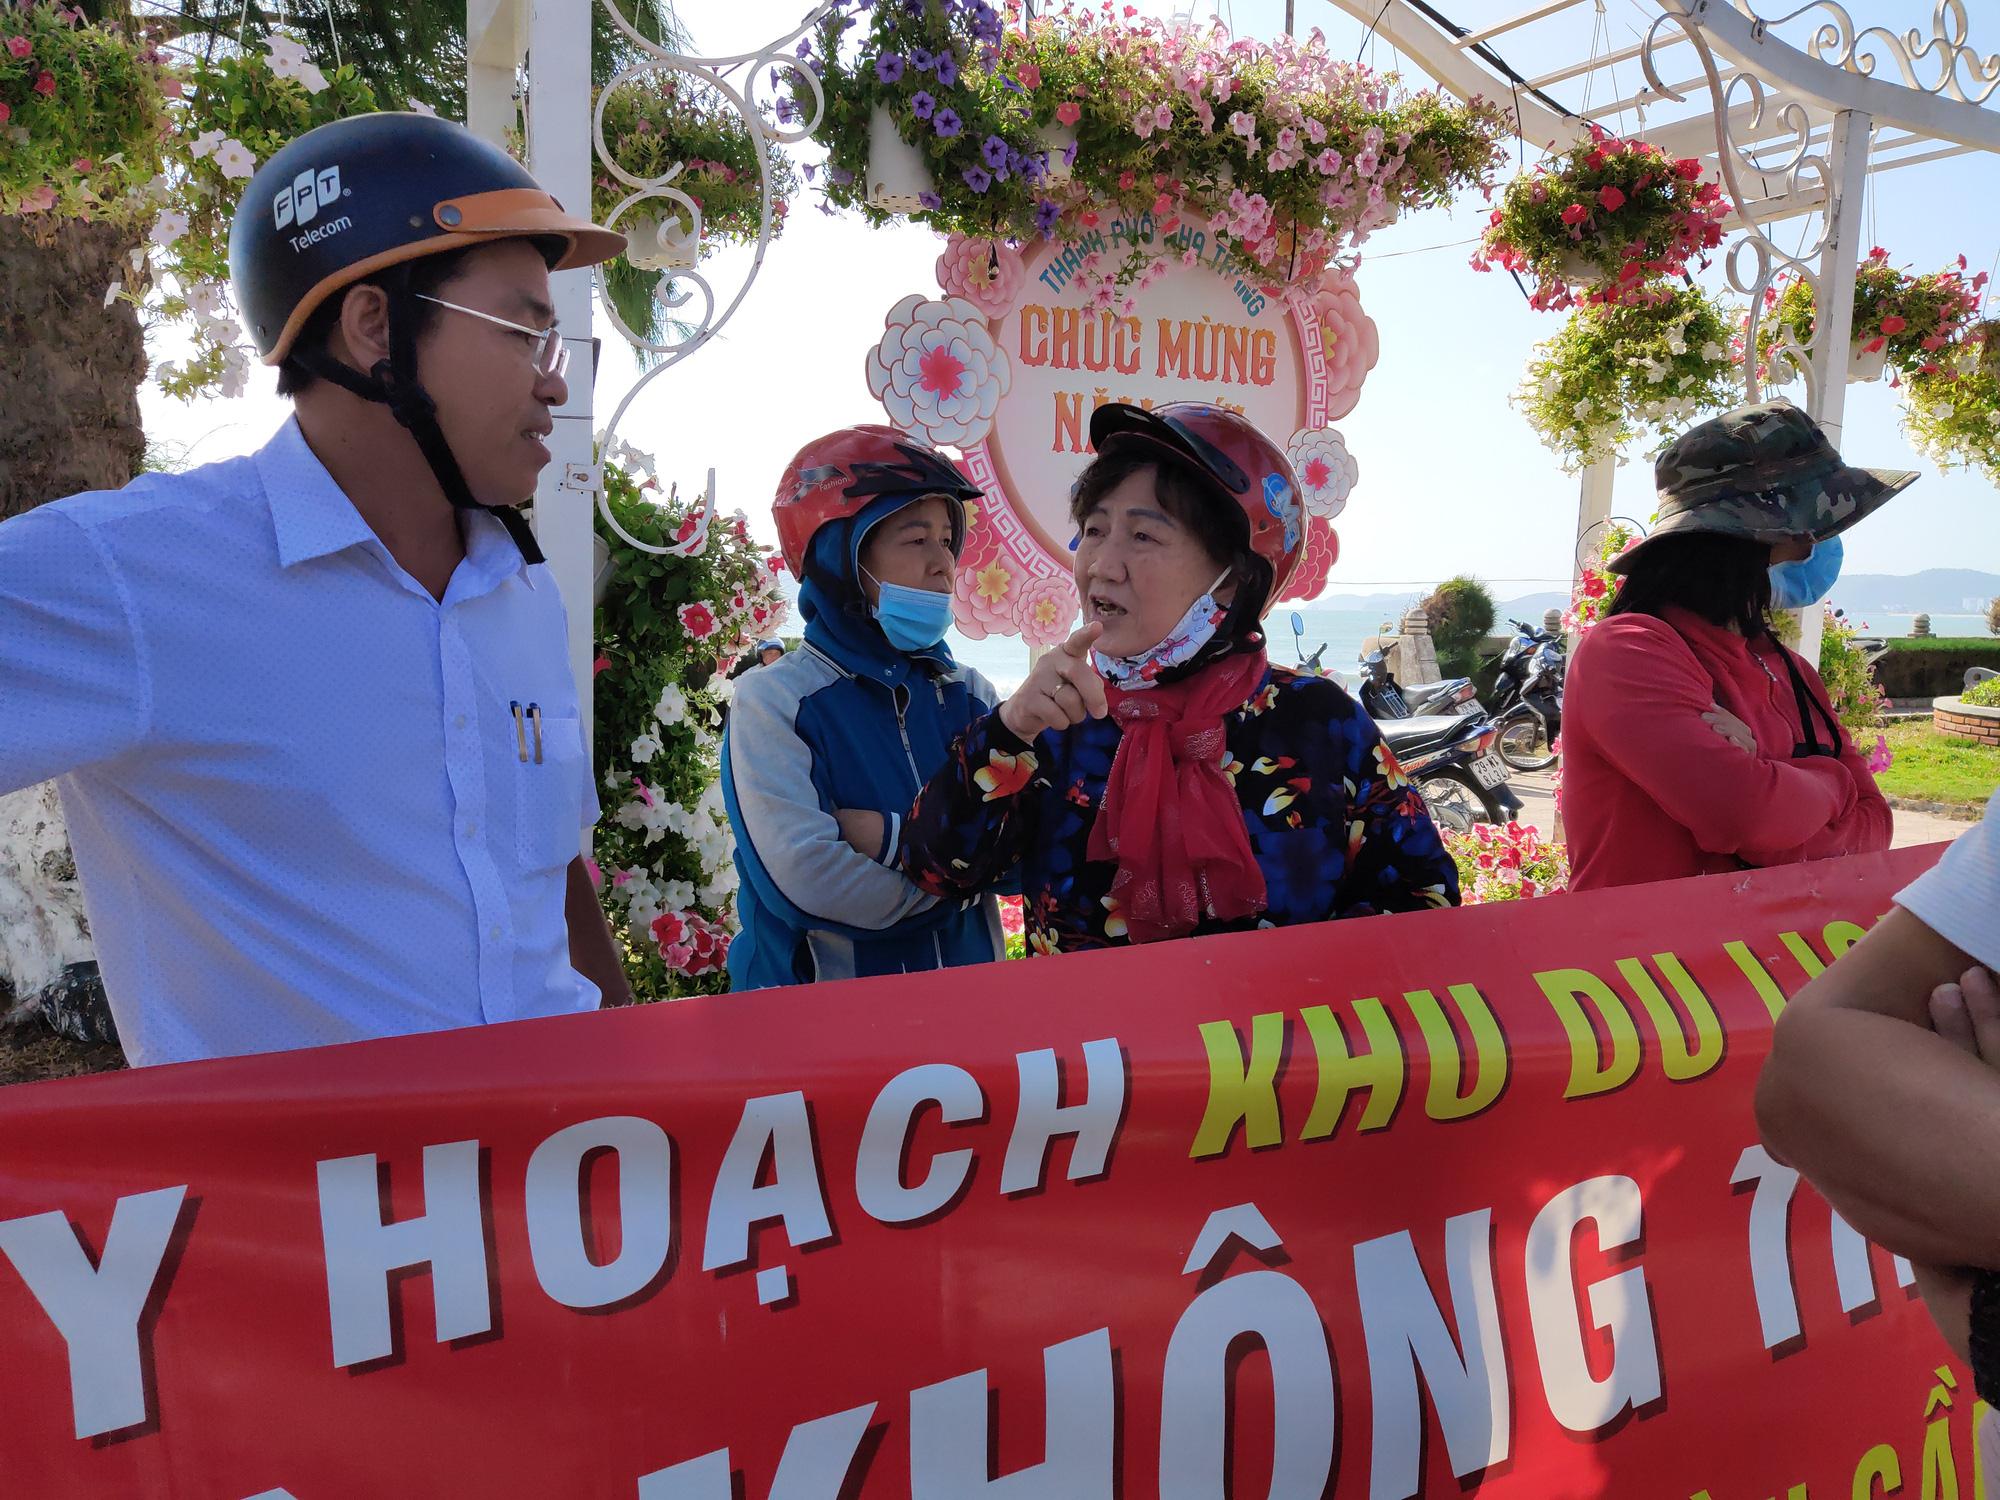 Chủ tịch Khánh Hòa chỉ đạo kiểm tra, rà soát để xử lí vụ người dân bị thu hồi đất tại dự án Diamond Bay - Ảnh 4.